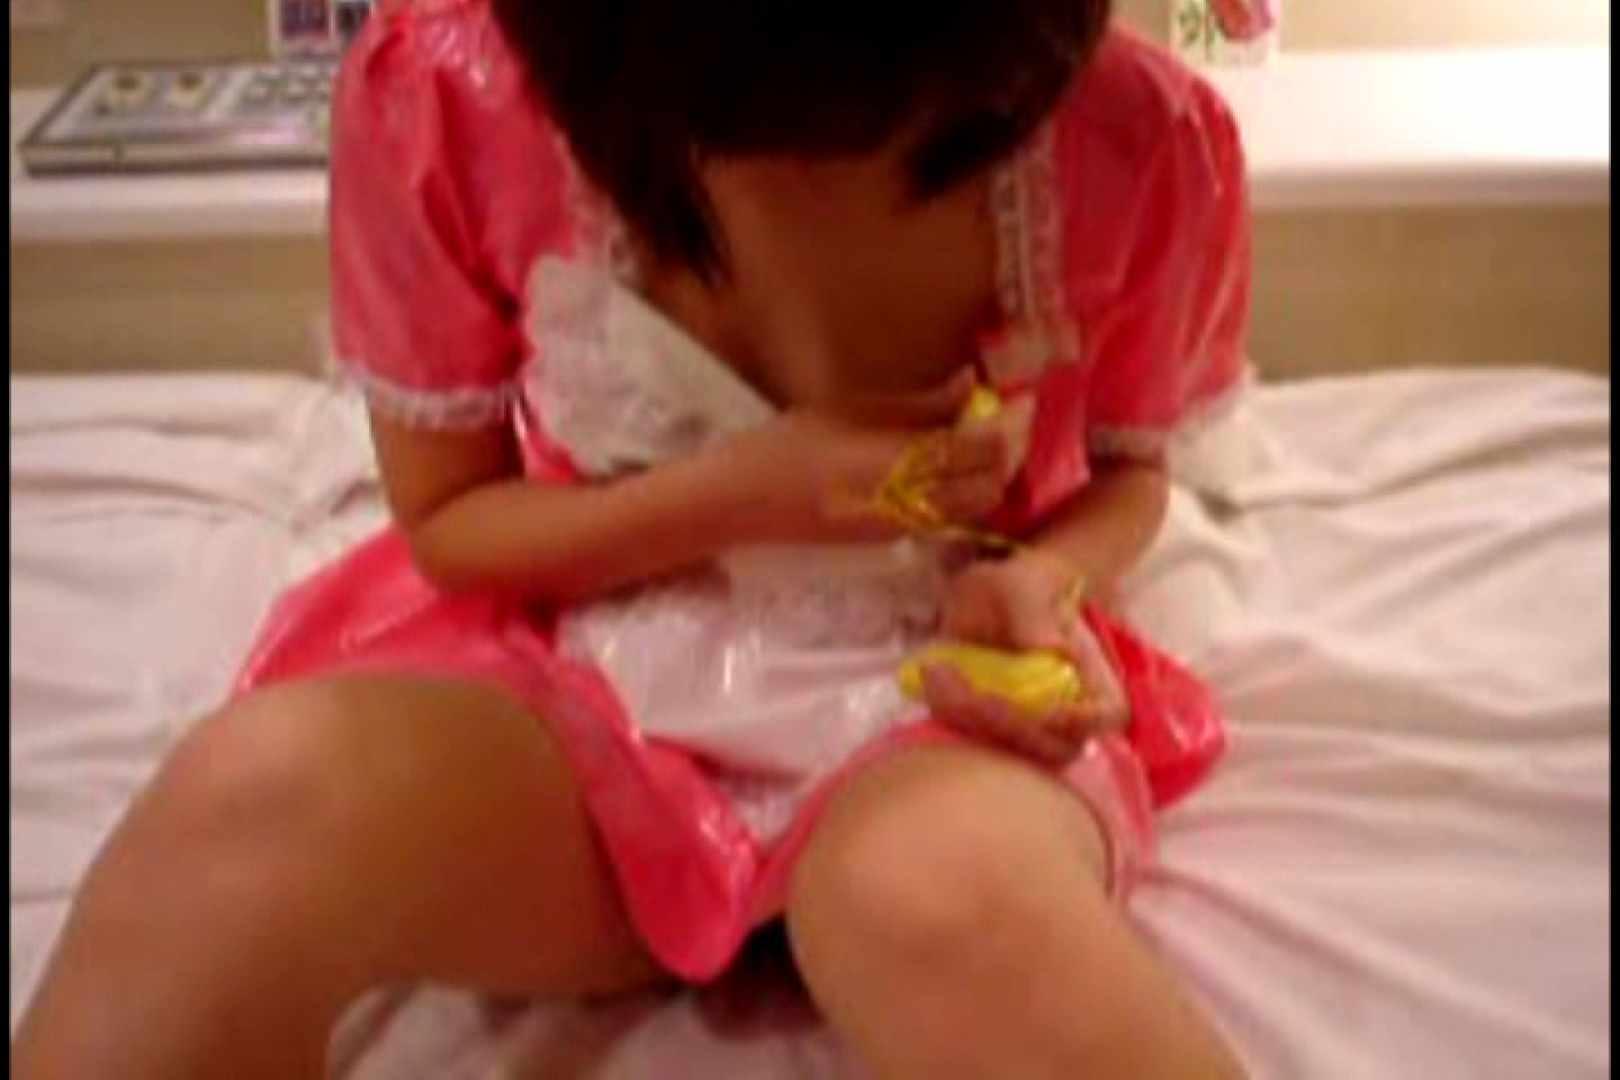 ウイルス流出 九州工学部女子大生藤野瑠美 女子大生  83連発 13